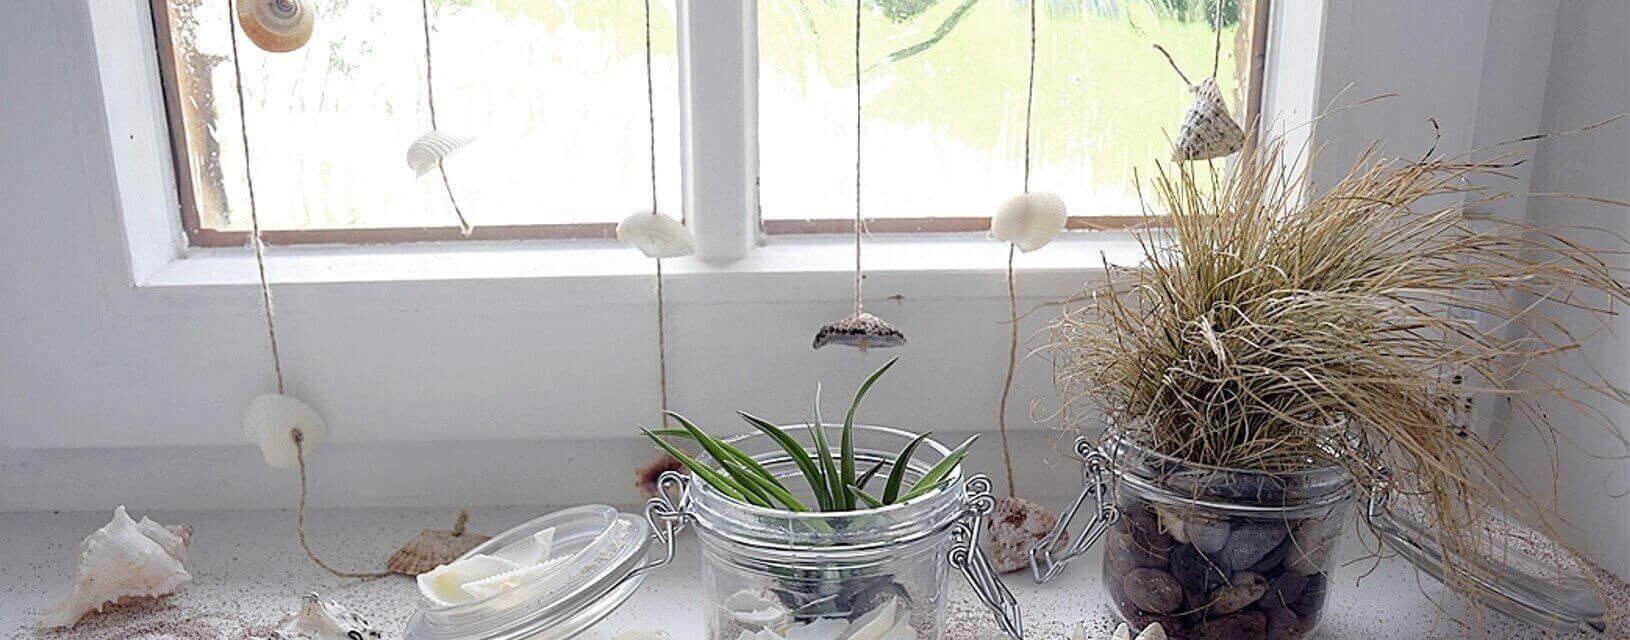 DIY-Maritime-Fensterdeko